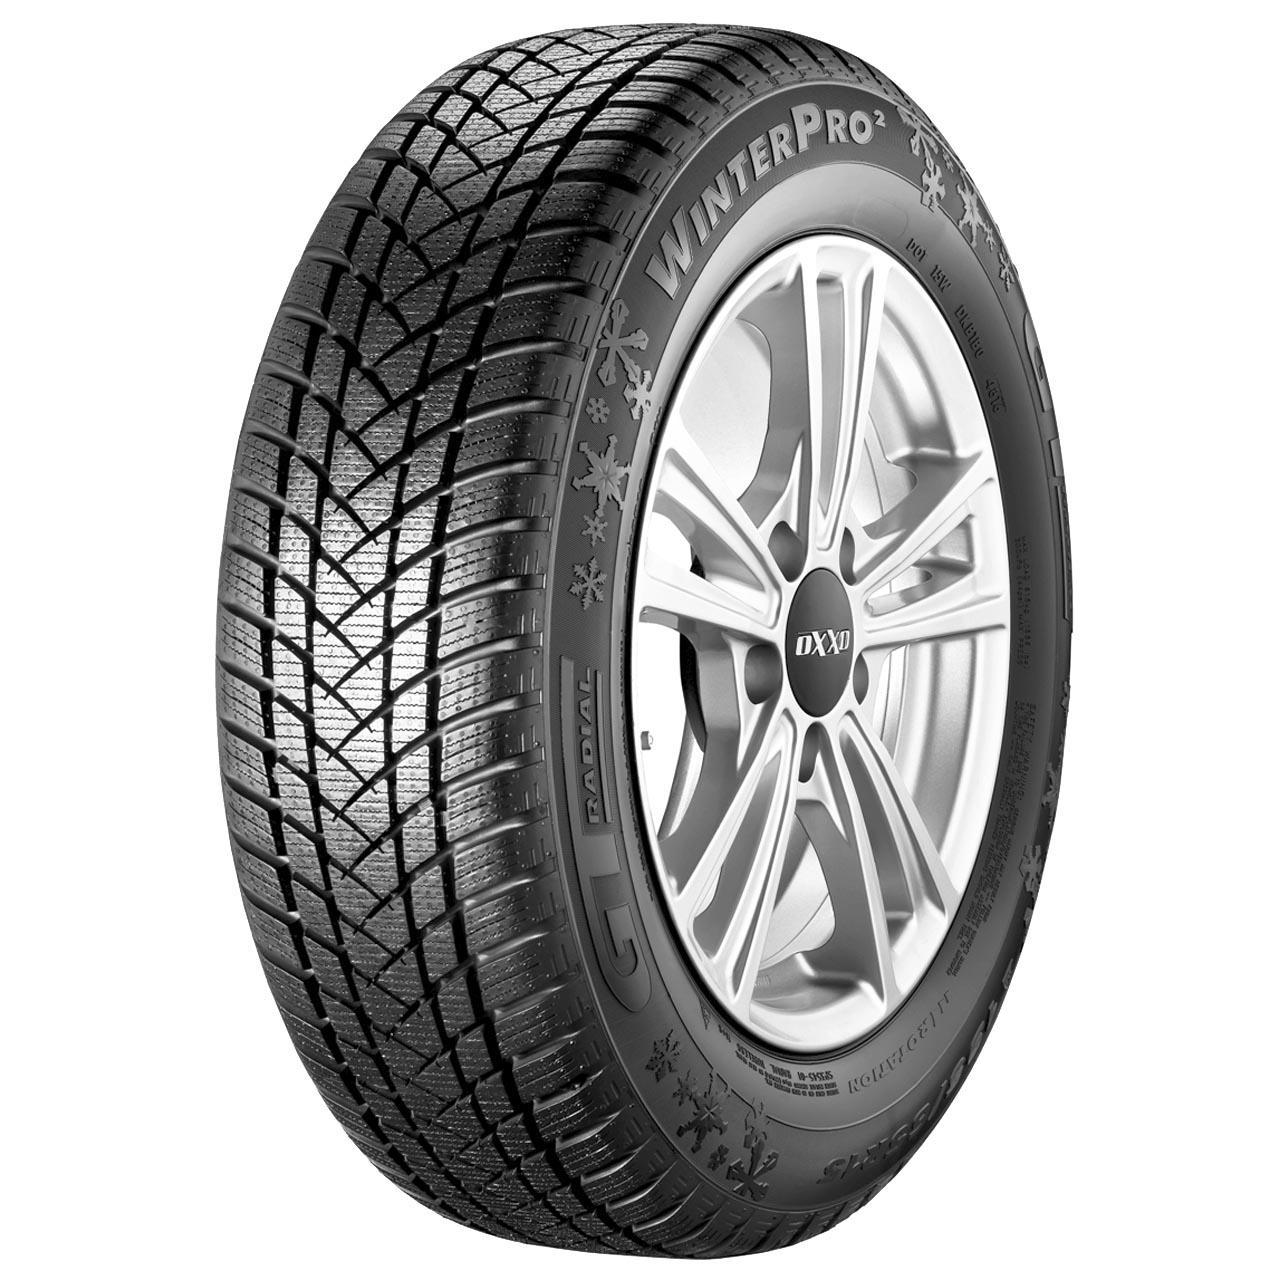 GT Radial Winterpro 2 155/70R13 75T